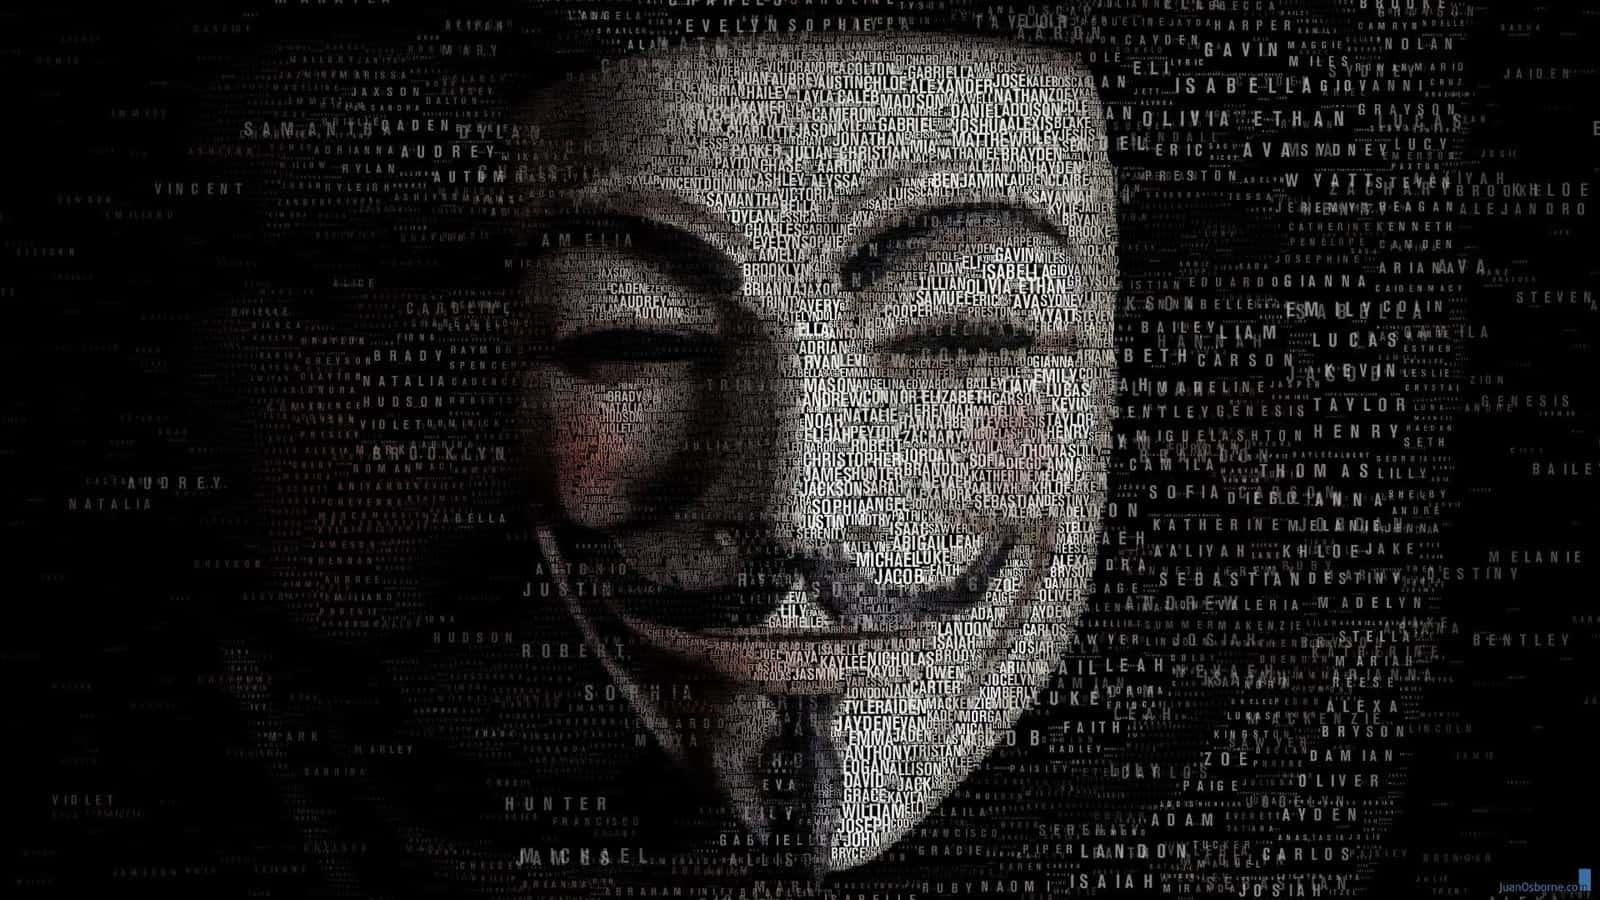 「匿名者」擬對FCC發動毀滅性網路攻擊 抗議網絡中立性被廢除 - 香港 unwire.hk